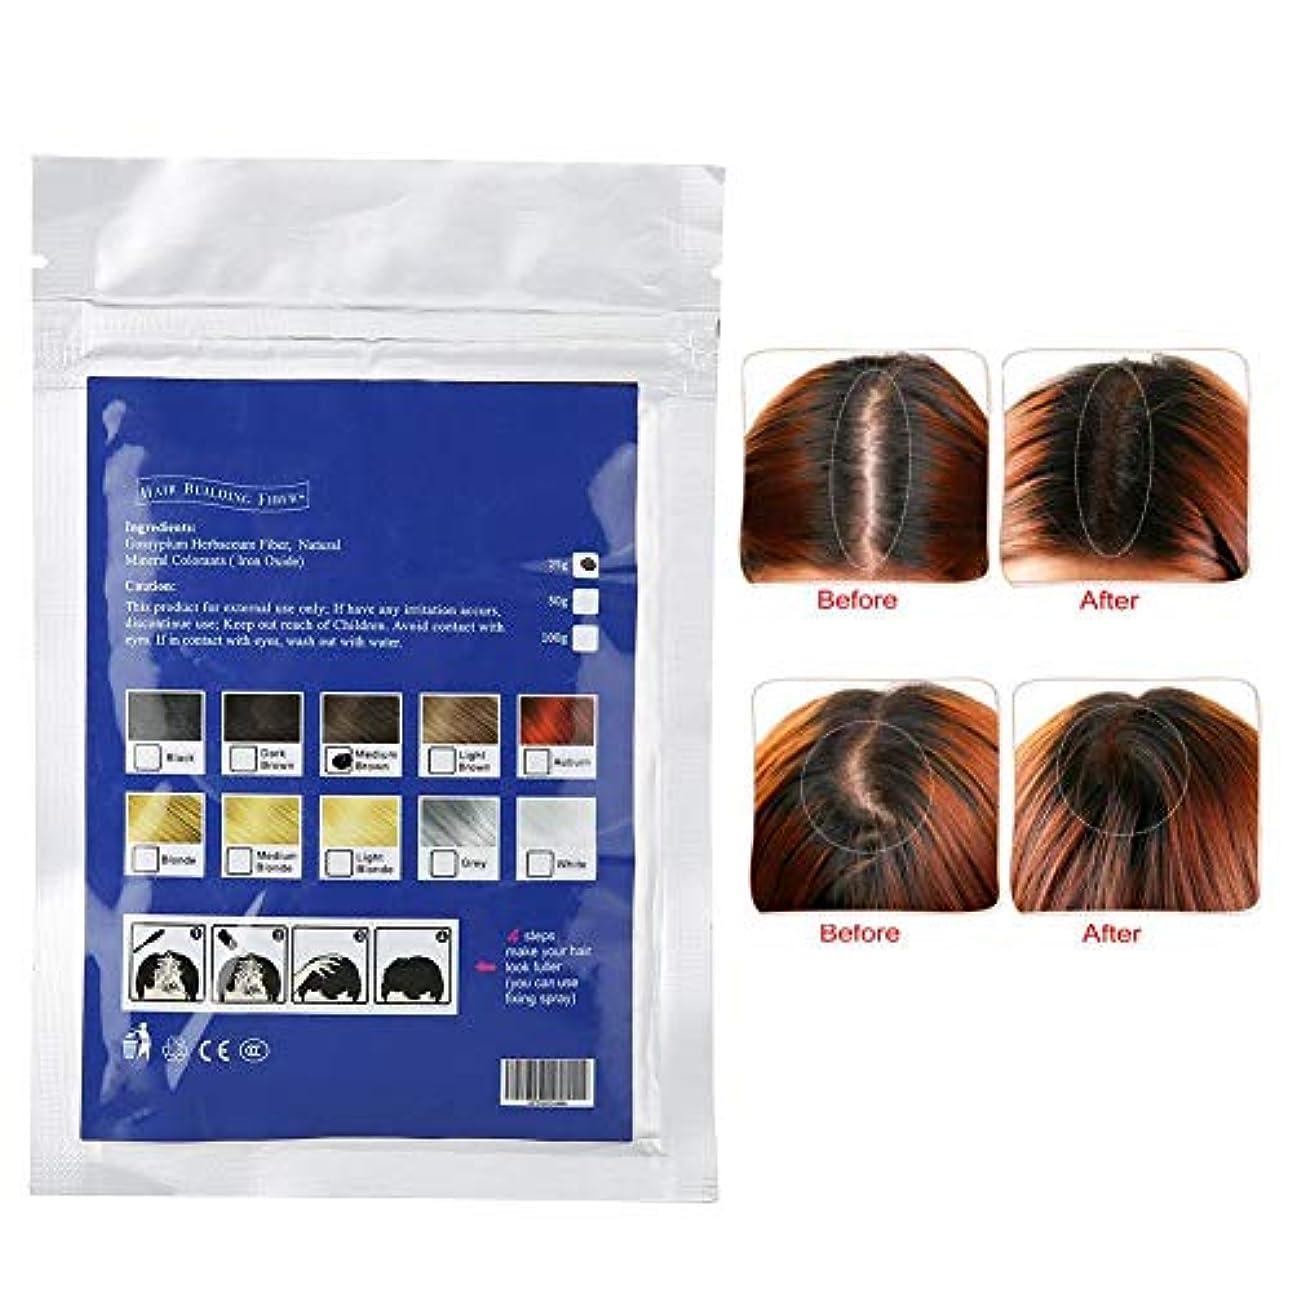 投資無意識一流ヘアフィラー、ヘアボリュームパウダー、髪の根元を薄くするためのカバーアップヘアフィラー(3#)